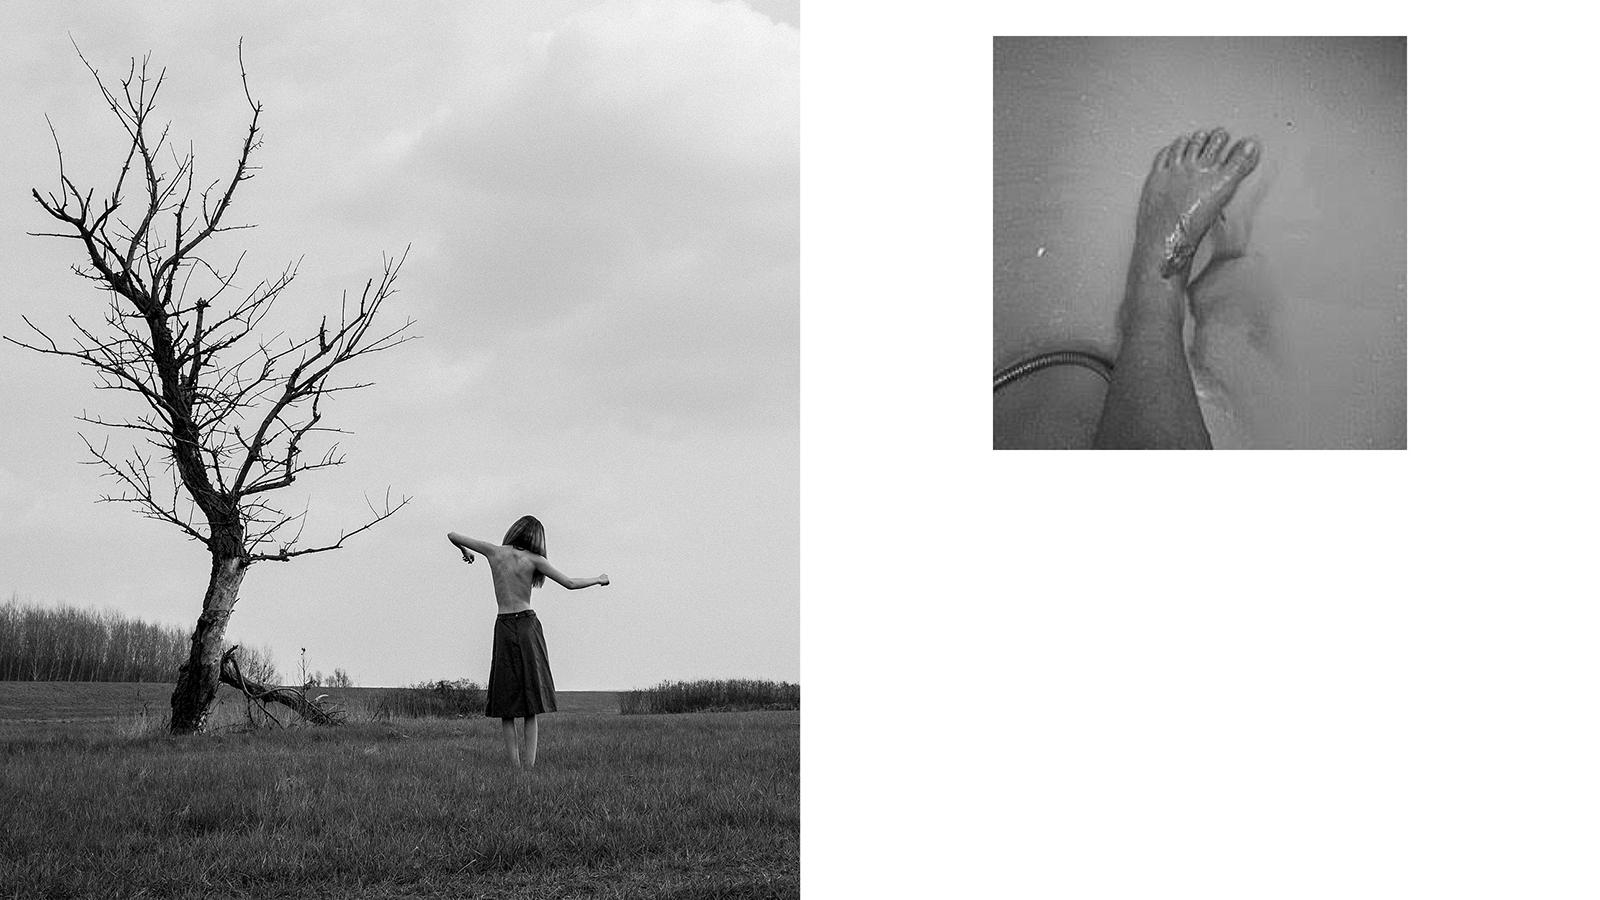 hellodesign-kedveskatalin-depresszio-09.jpg